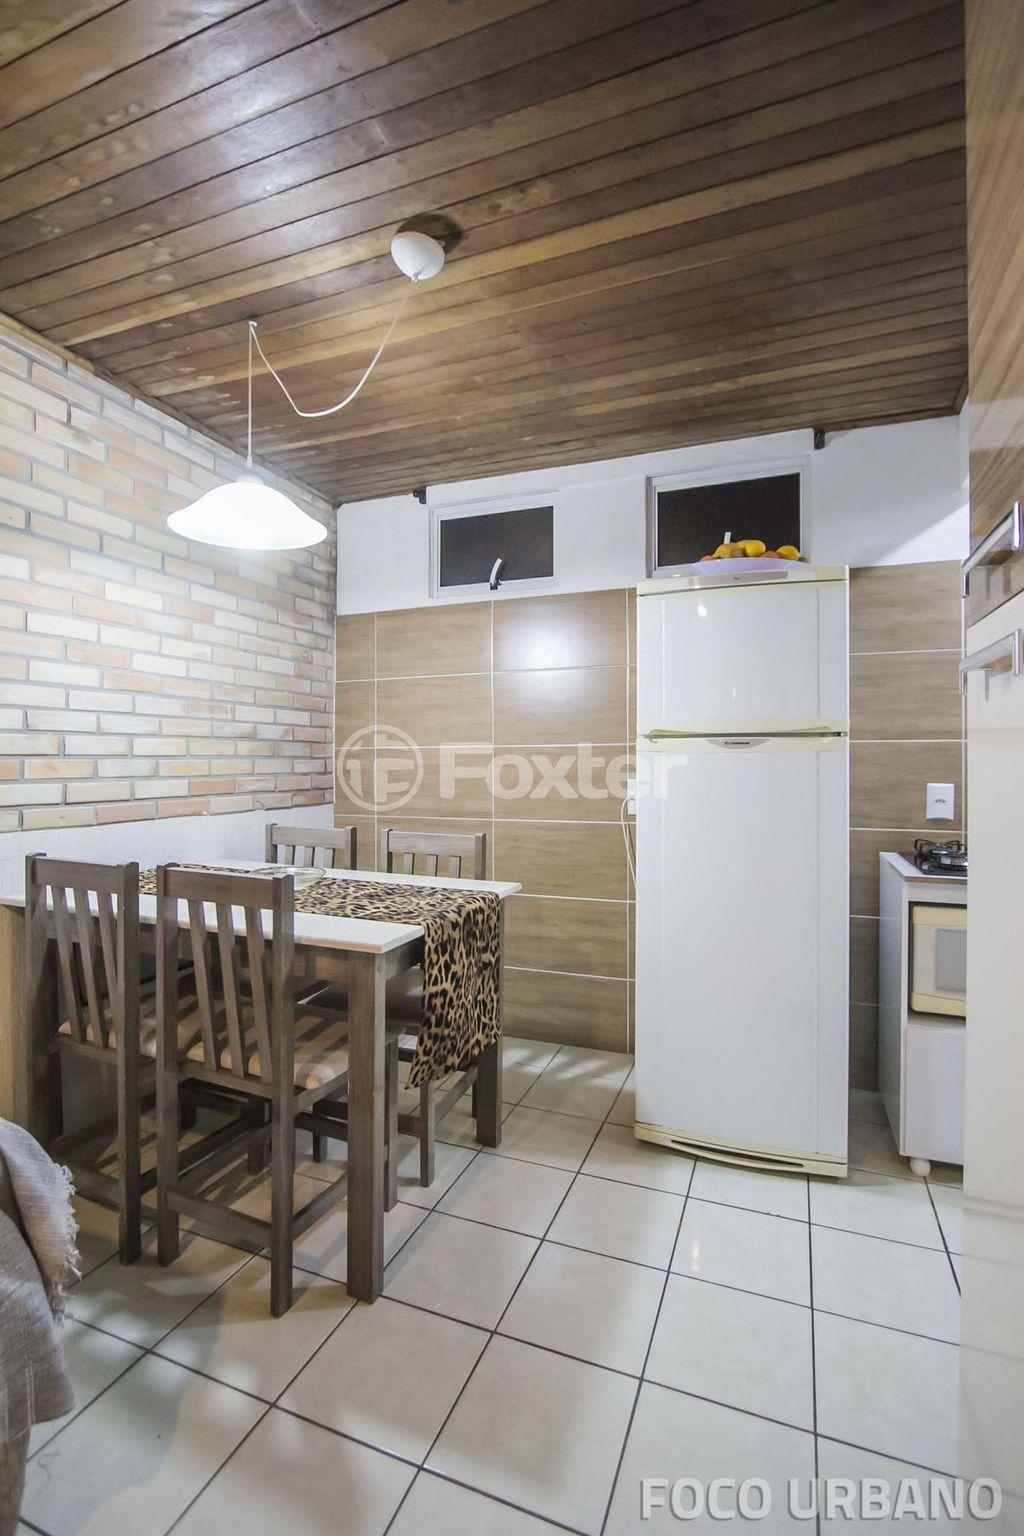 Cobertura 2 Dorm, Medianeira, Porto Alegre (140501) - Foto 15